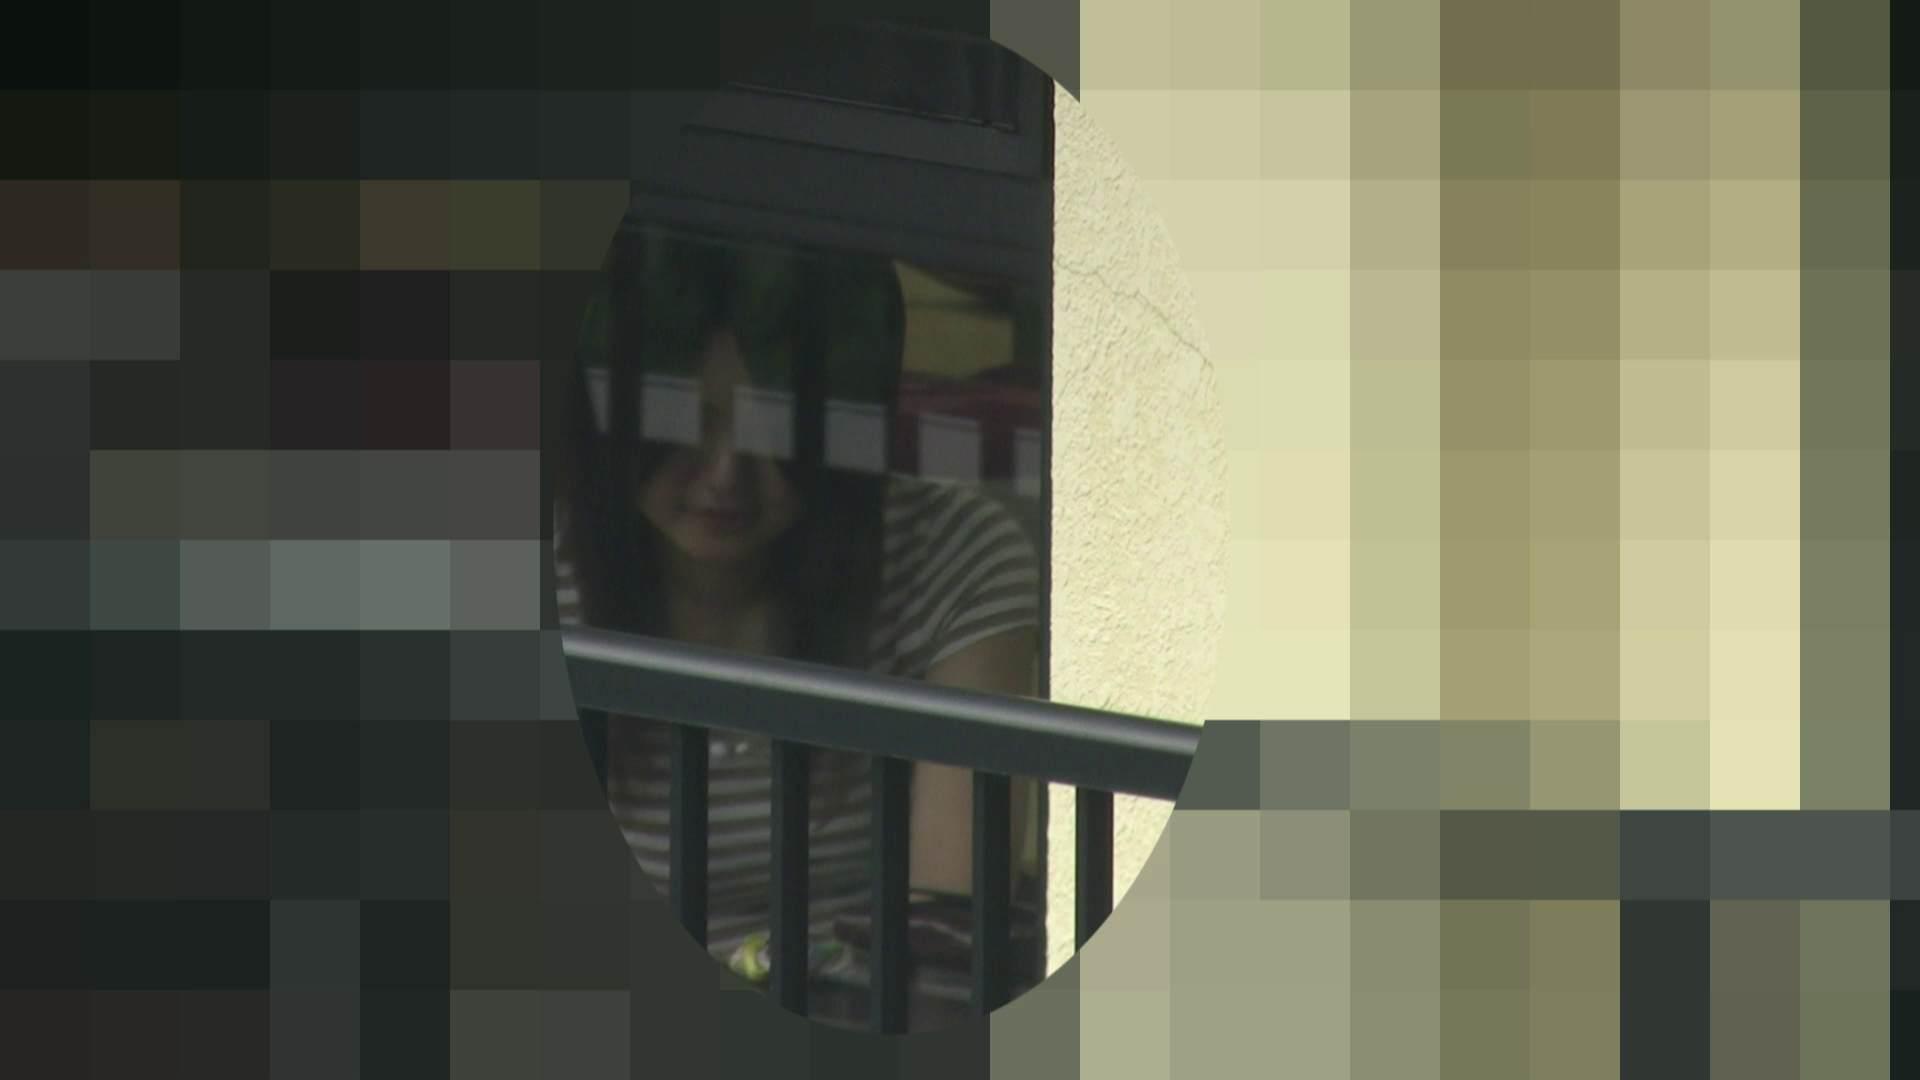 高画質露天女風呂観察 vol.032 高画質 隠し撮りオマンコ動画紹介 83pic 66